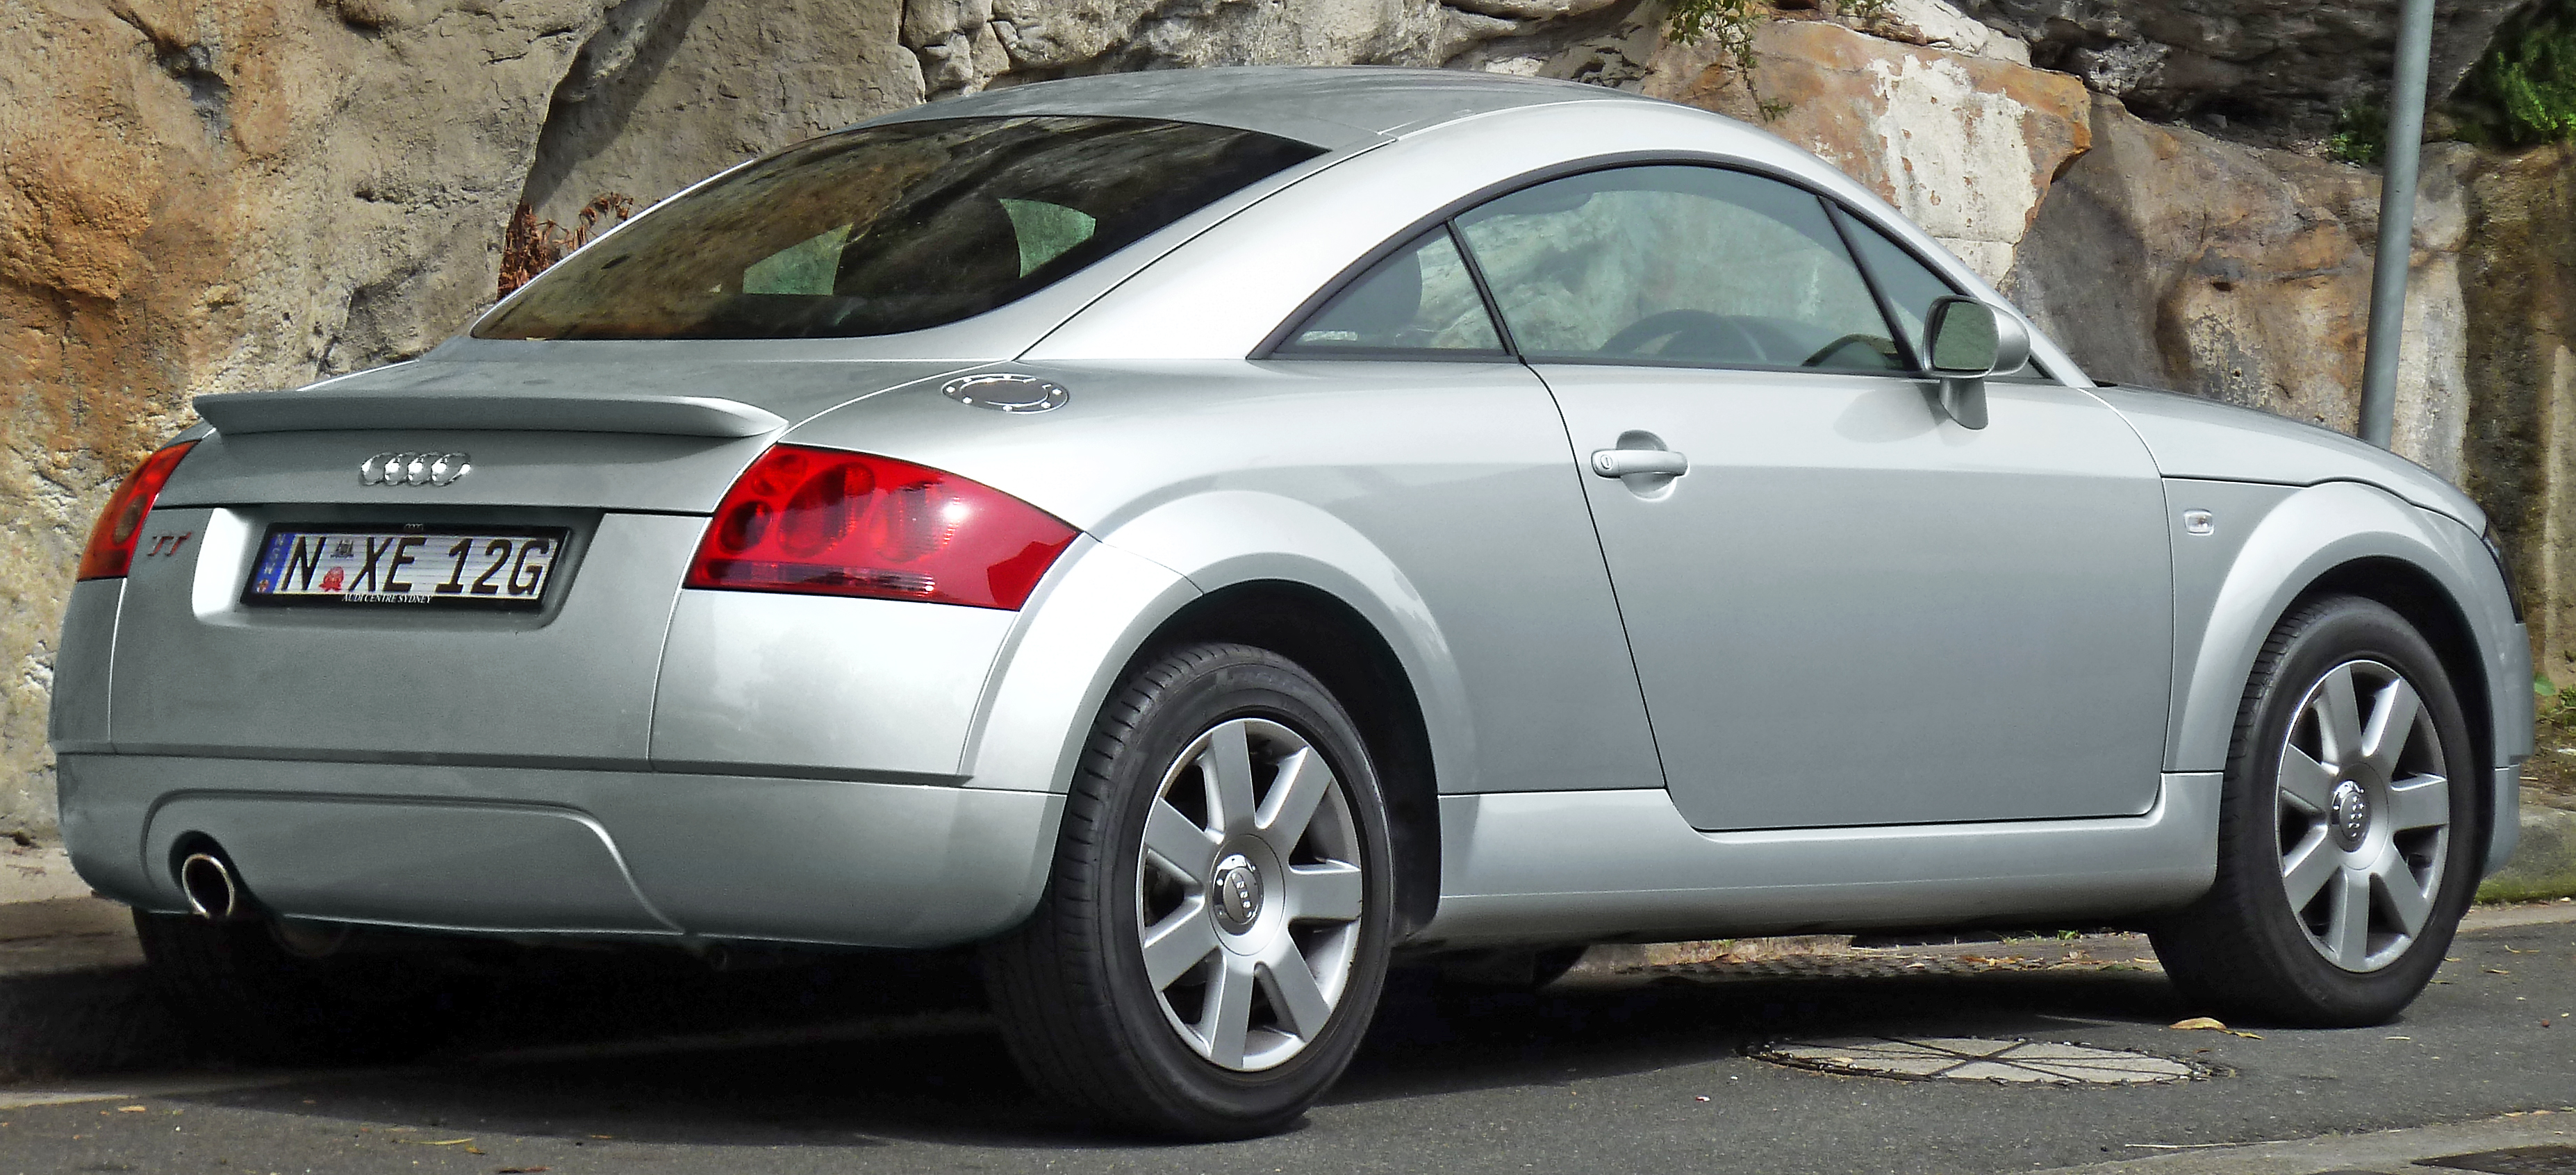 File 2003 2006 Audi Tt 8n 1 8 T Coupe 2011 11 08 02